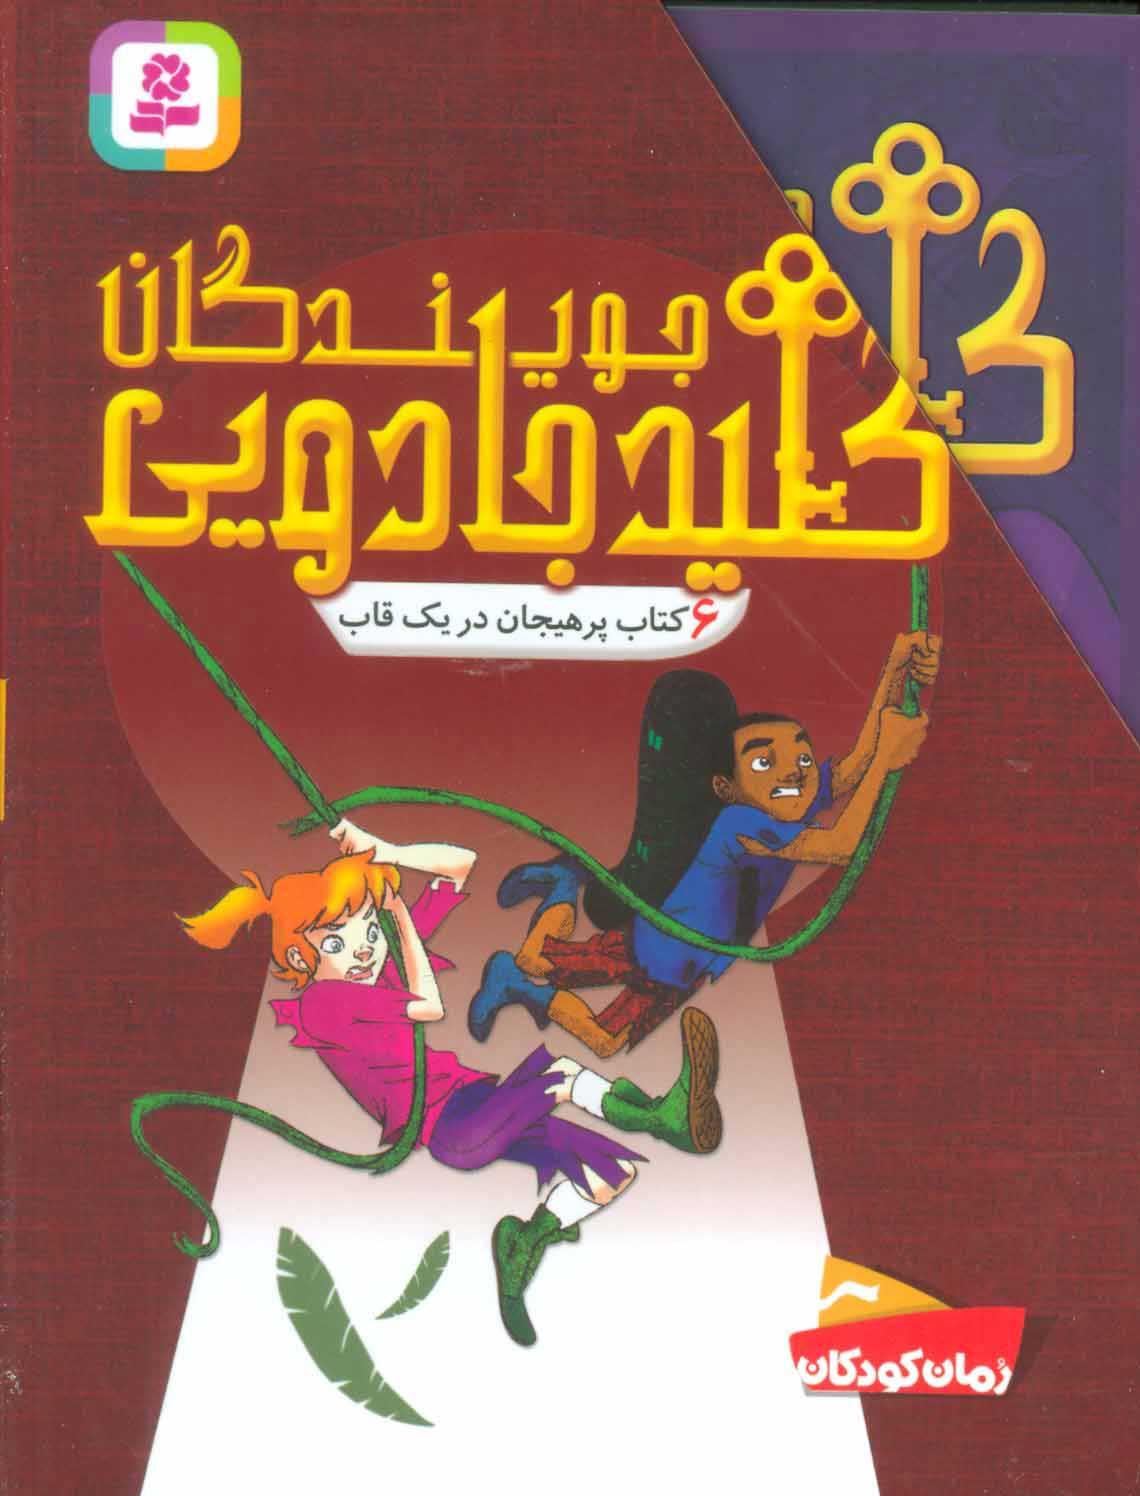 کتاب مجموعه جویندگان کلید جادویی